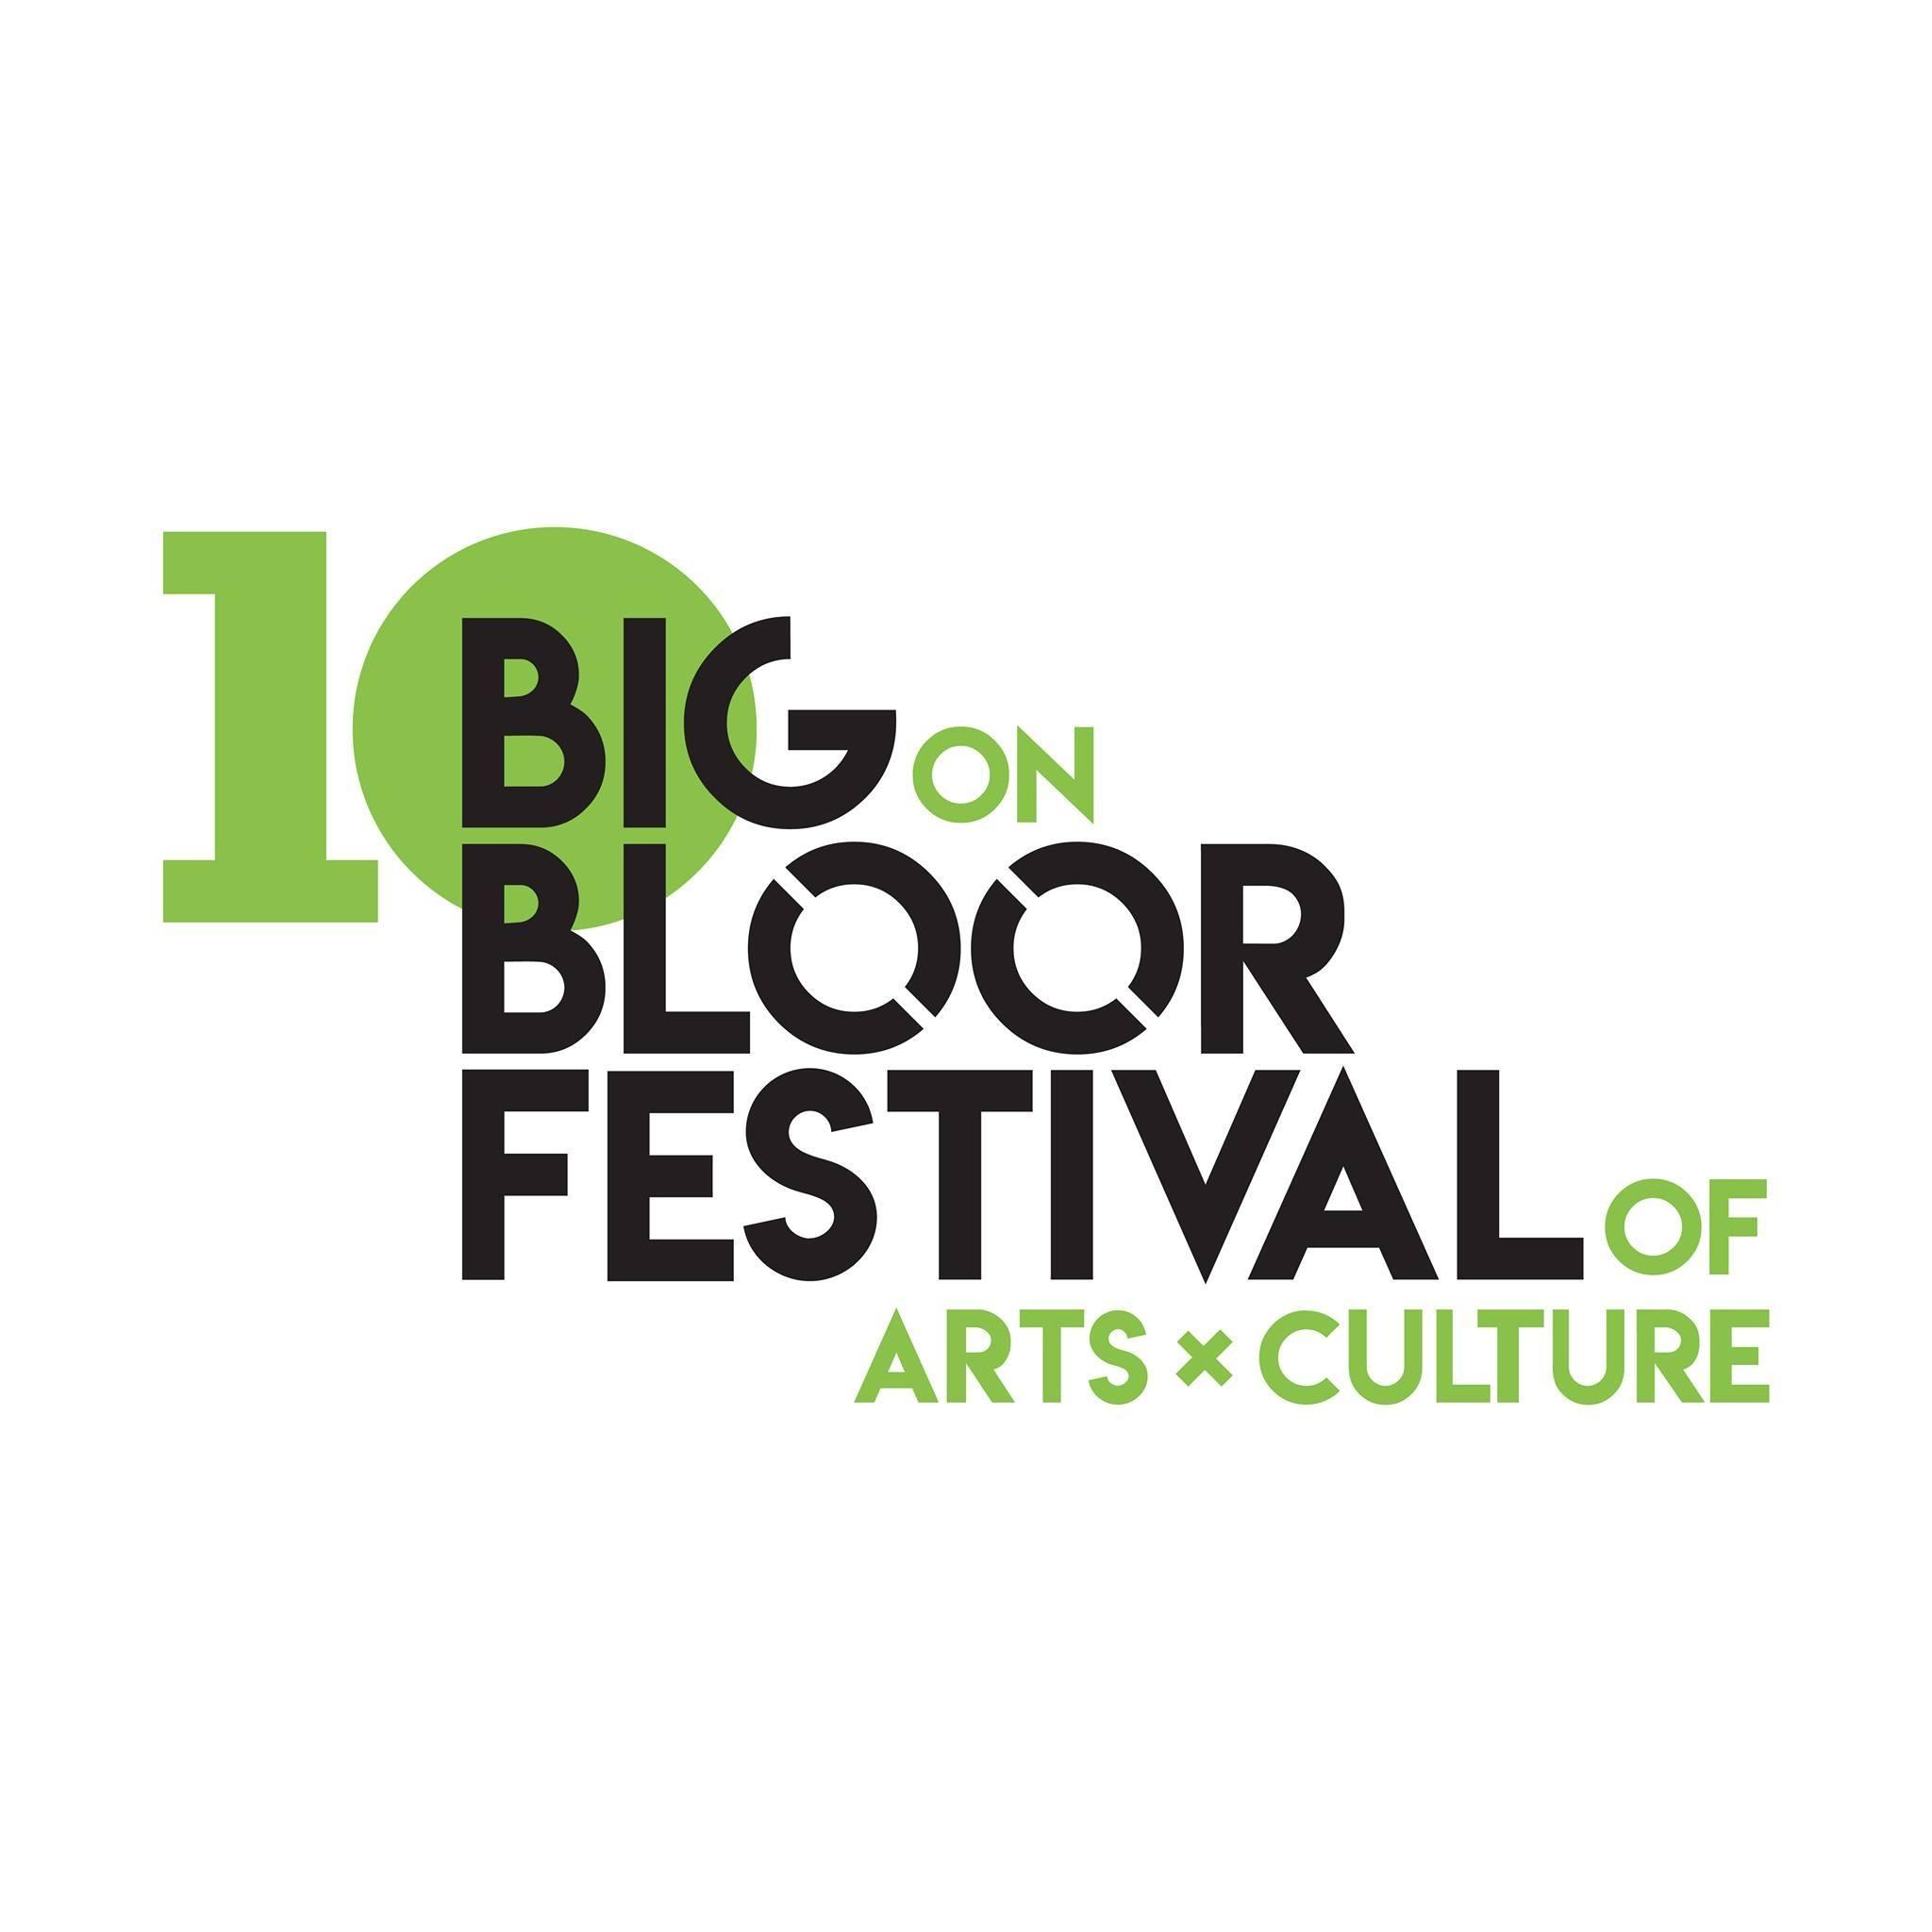 Las artes y la cultura se toman Bloor Street